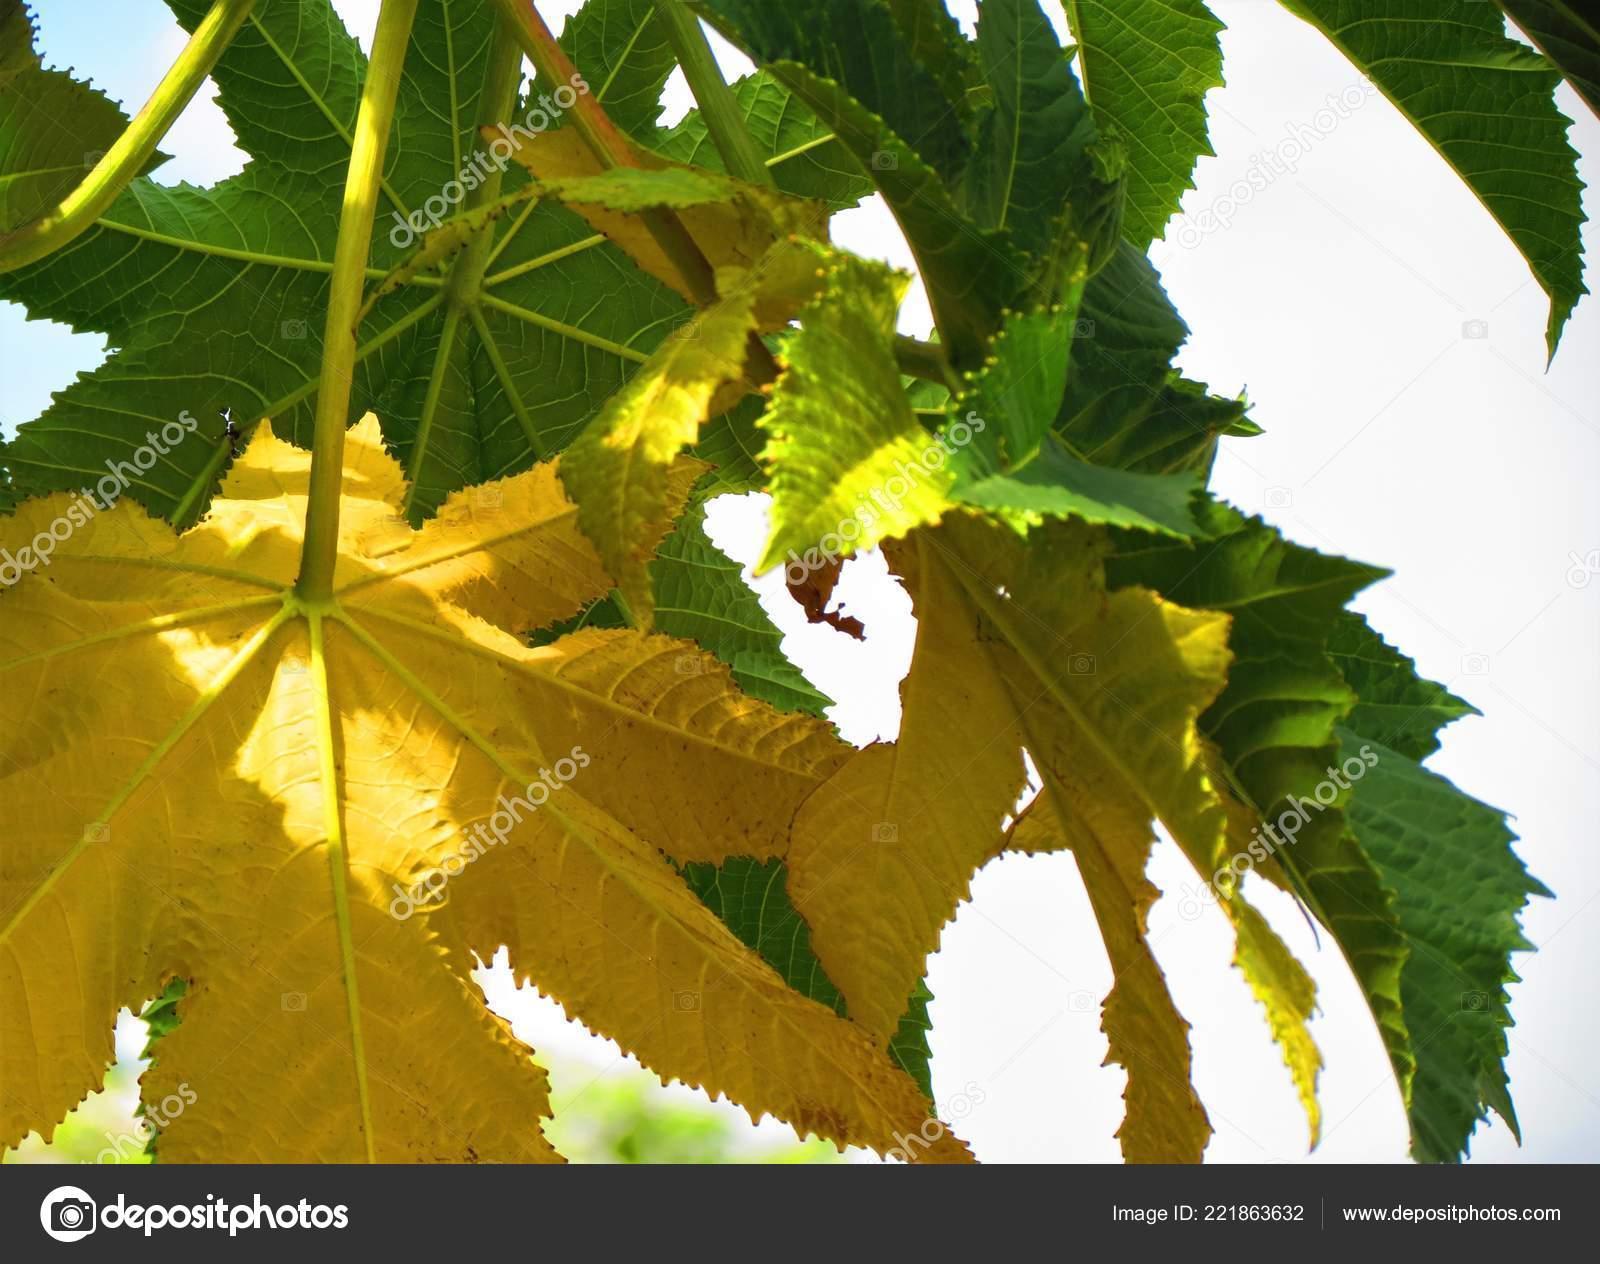 Leaves Ricinus Communis Castor Oil Plant Euphorbiaceae Stock Photo C Argru 221863632